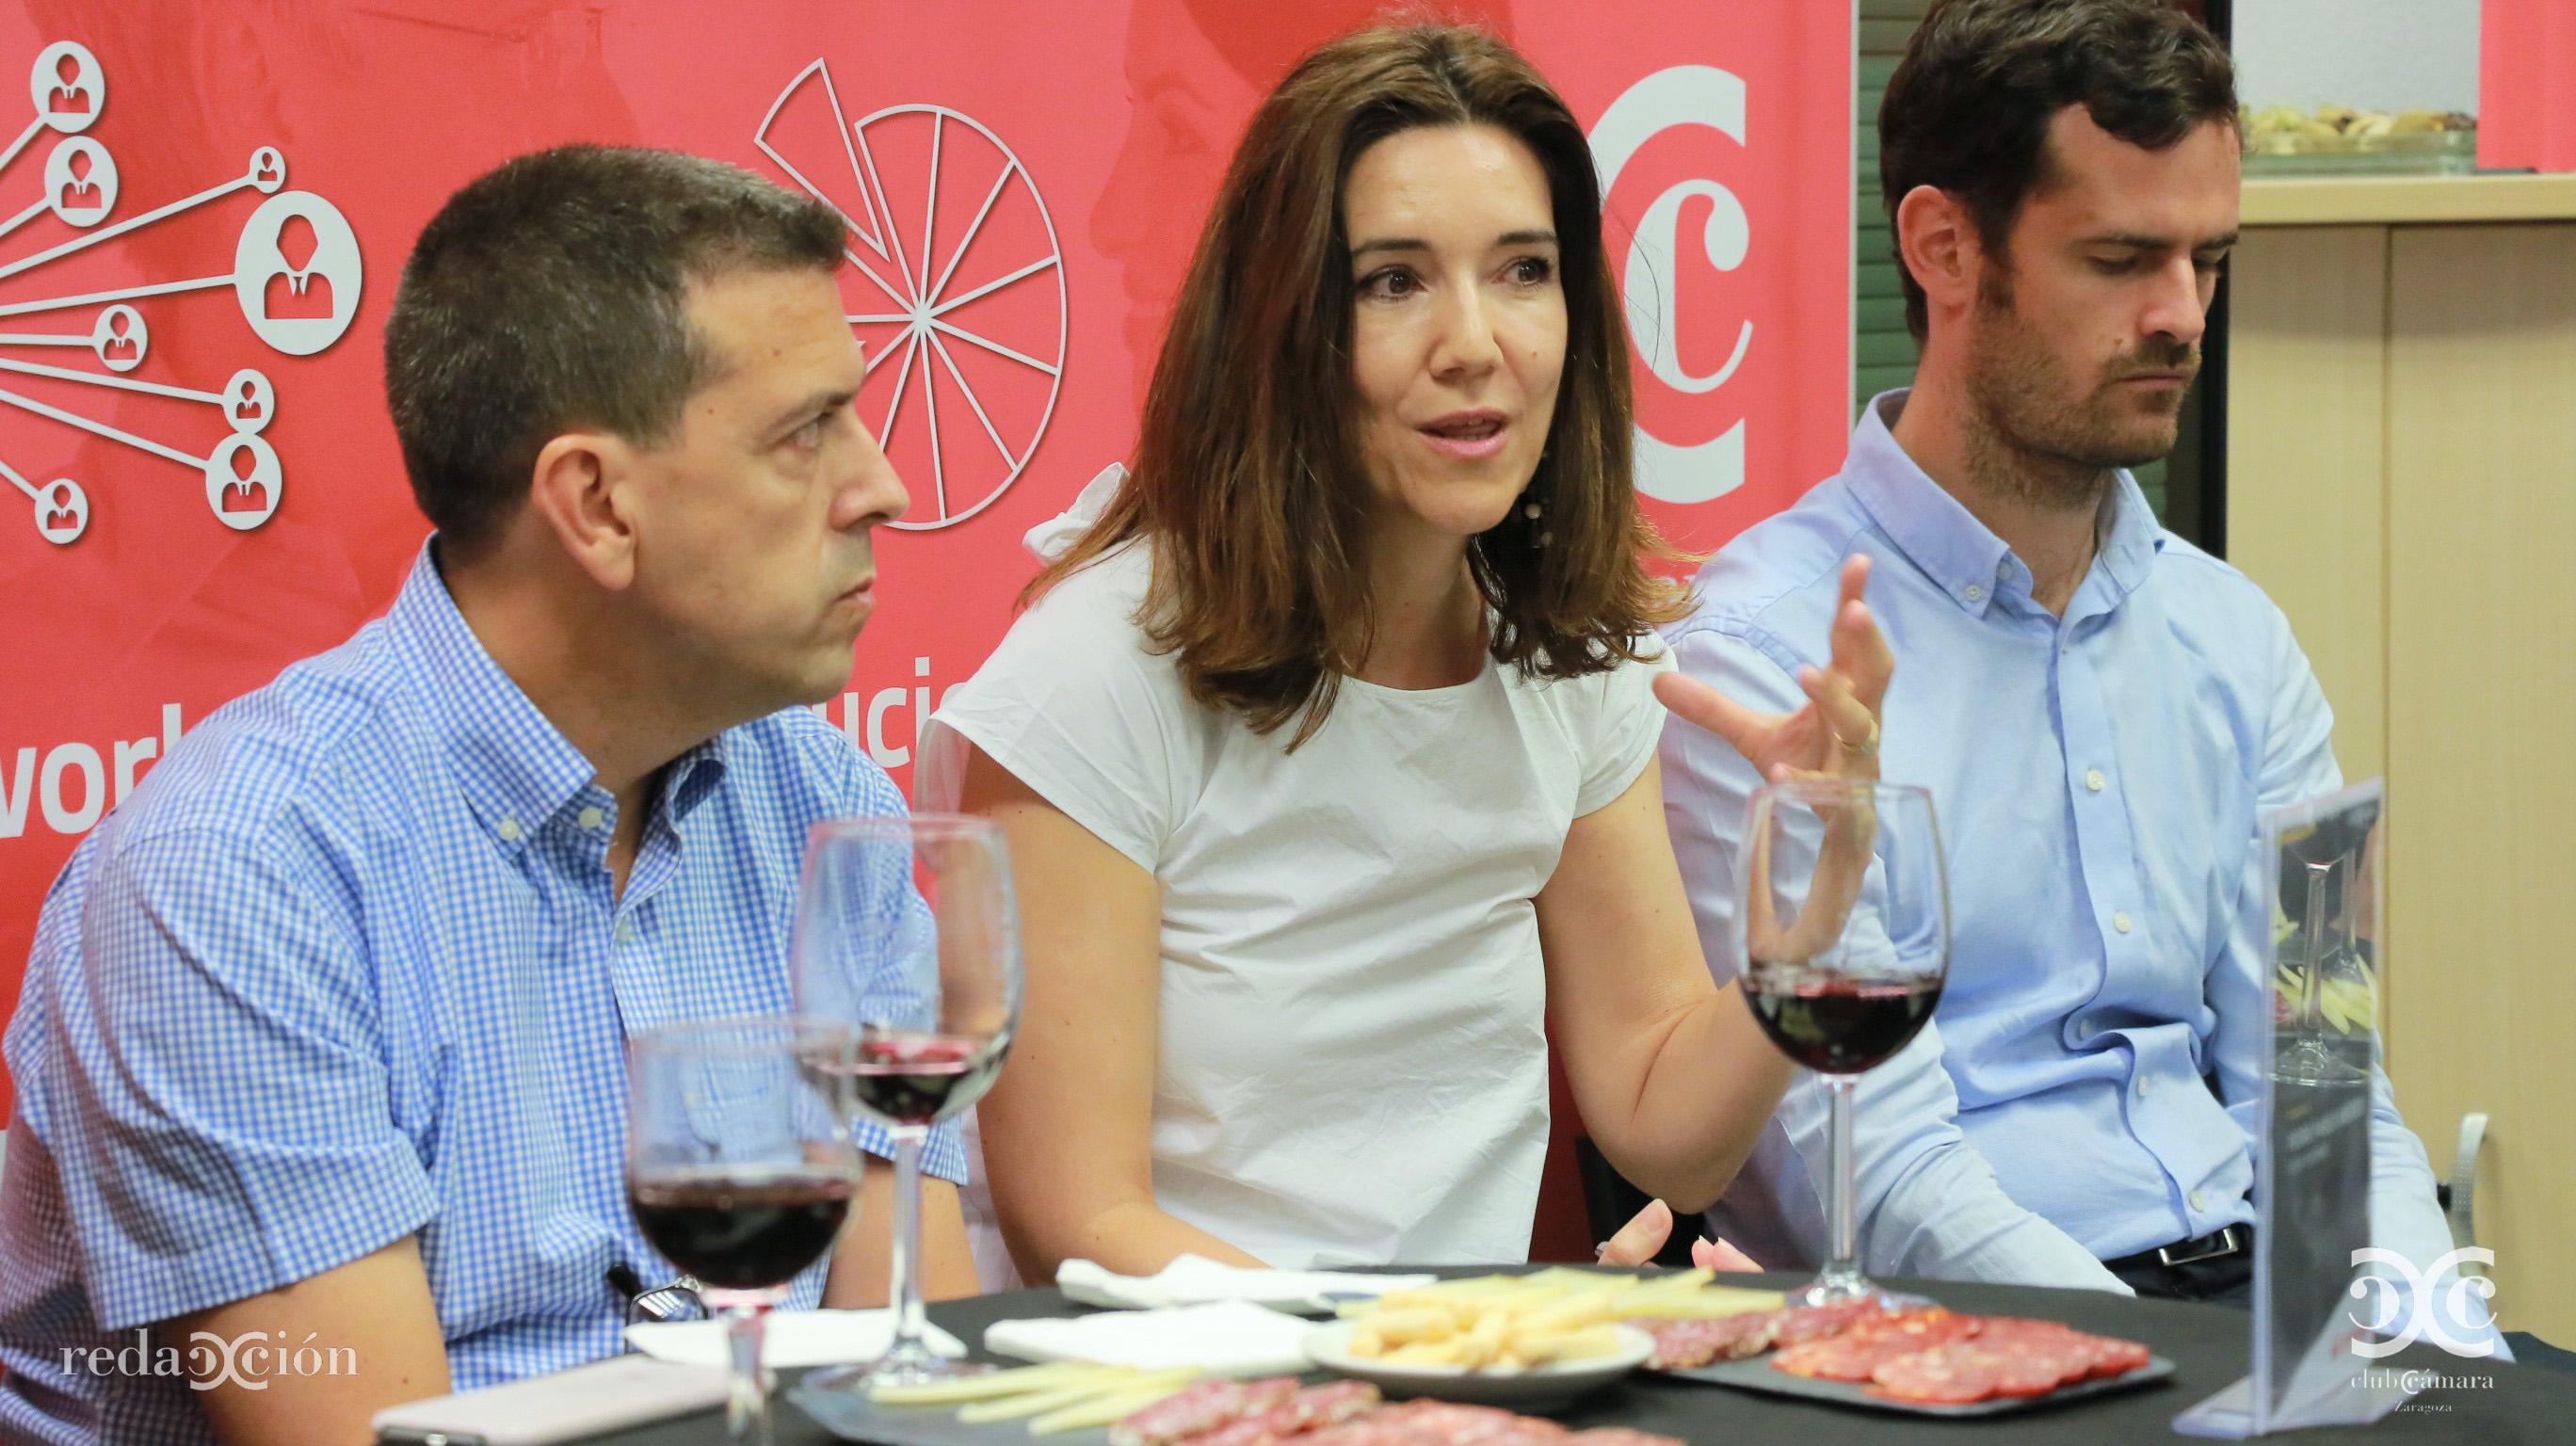 Paula Sánchez, Serlog